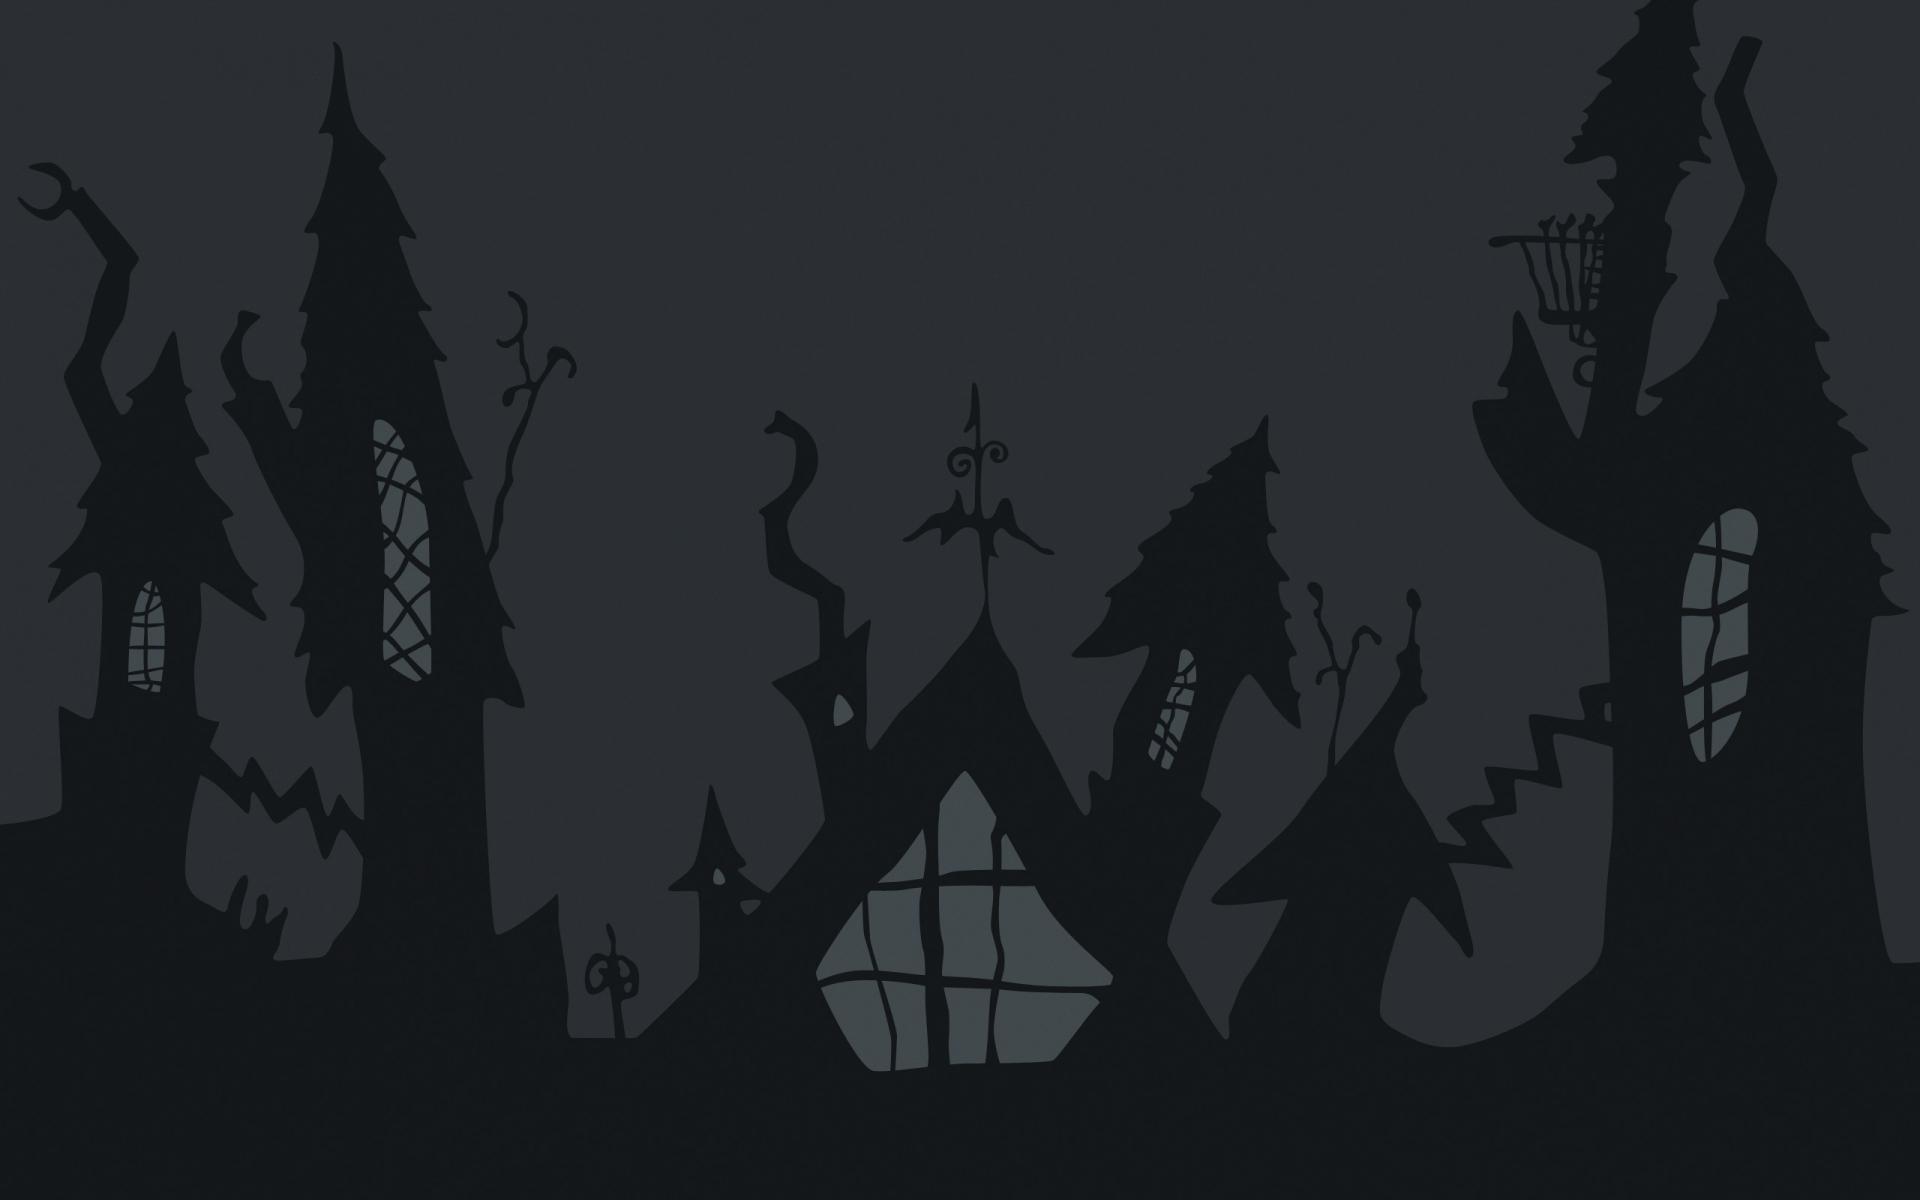 Castillo de noche de brujas - 1920x1200